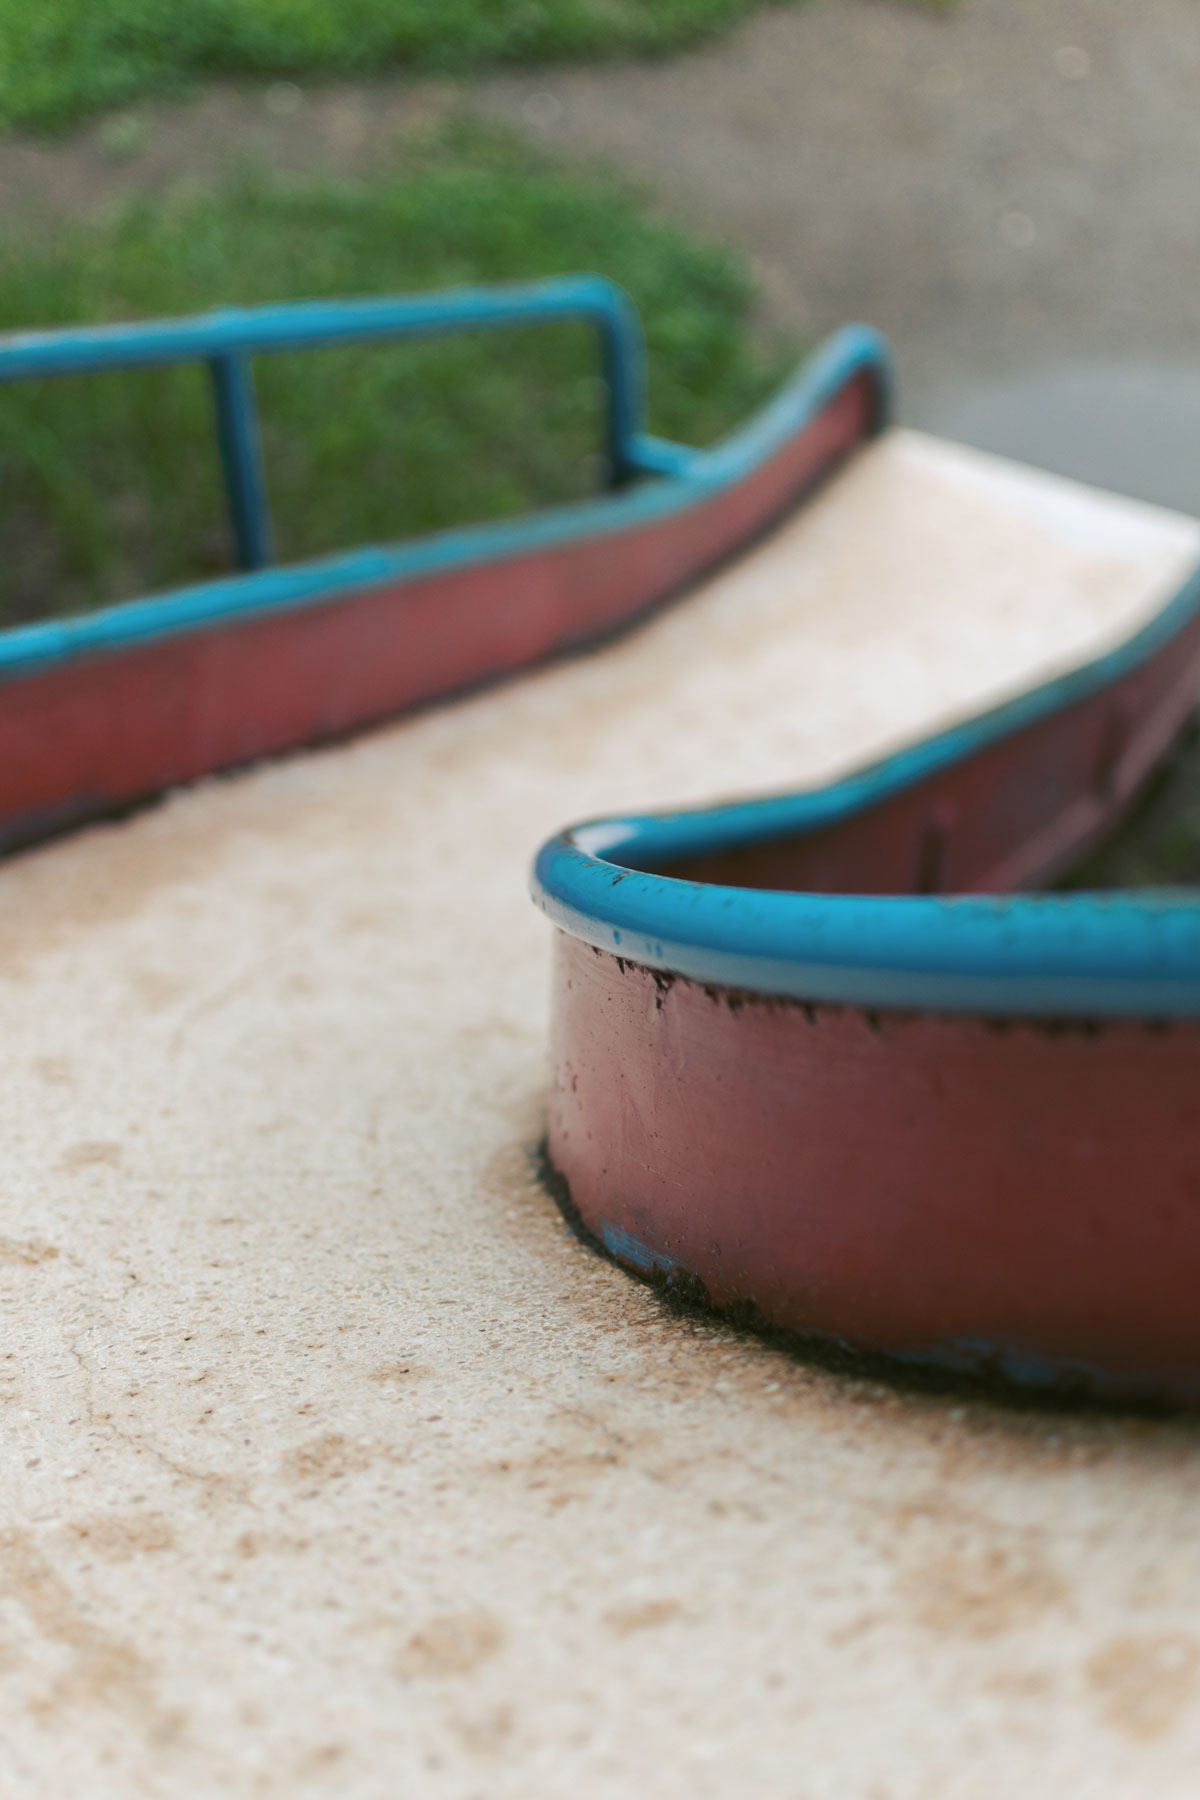 雨上がりの公園 滑り台を上から見下ろす